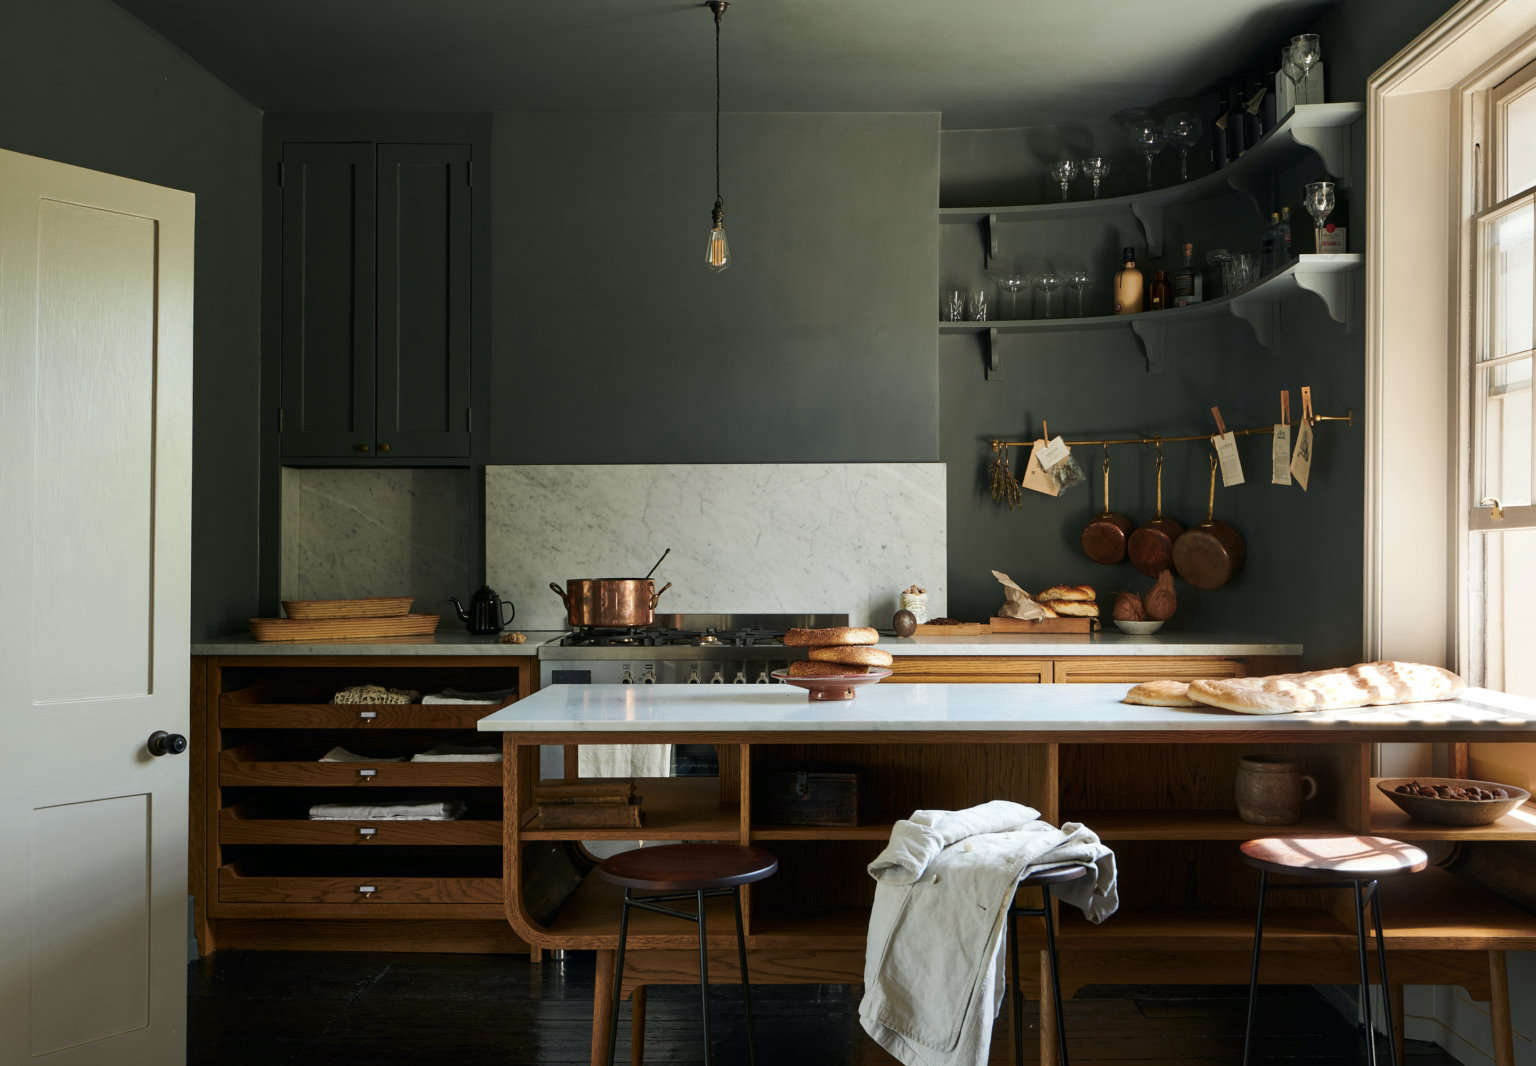 devol haberdasher kitchen st johns square2 1536x1066